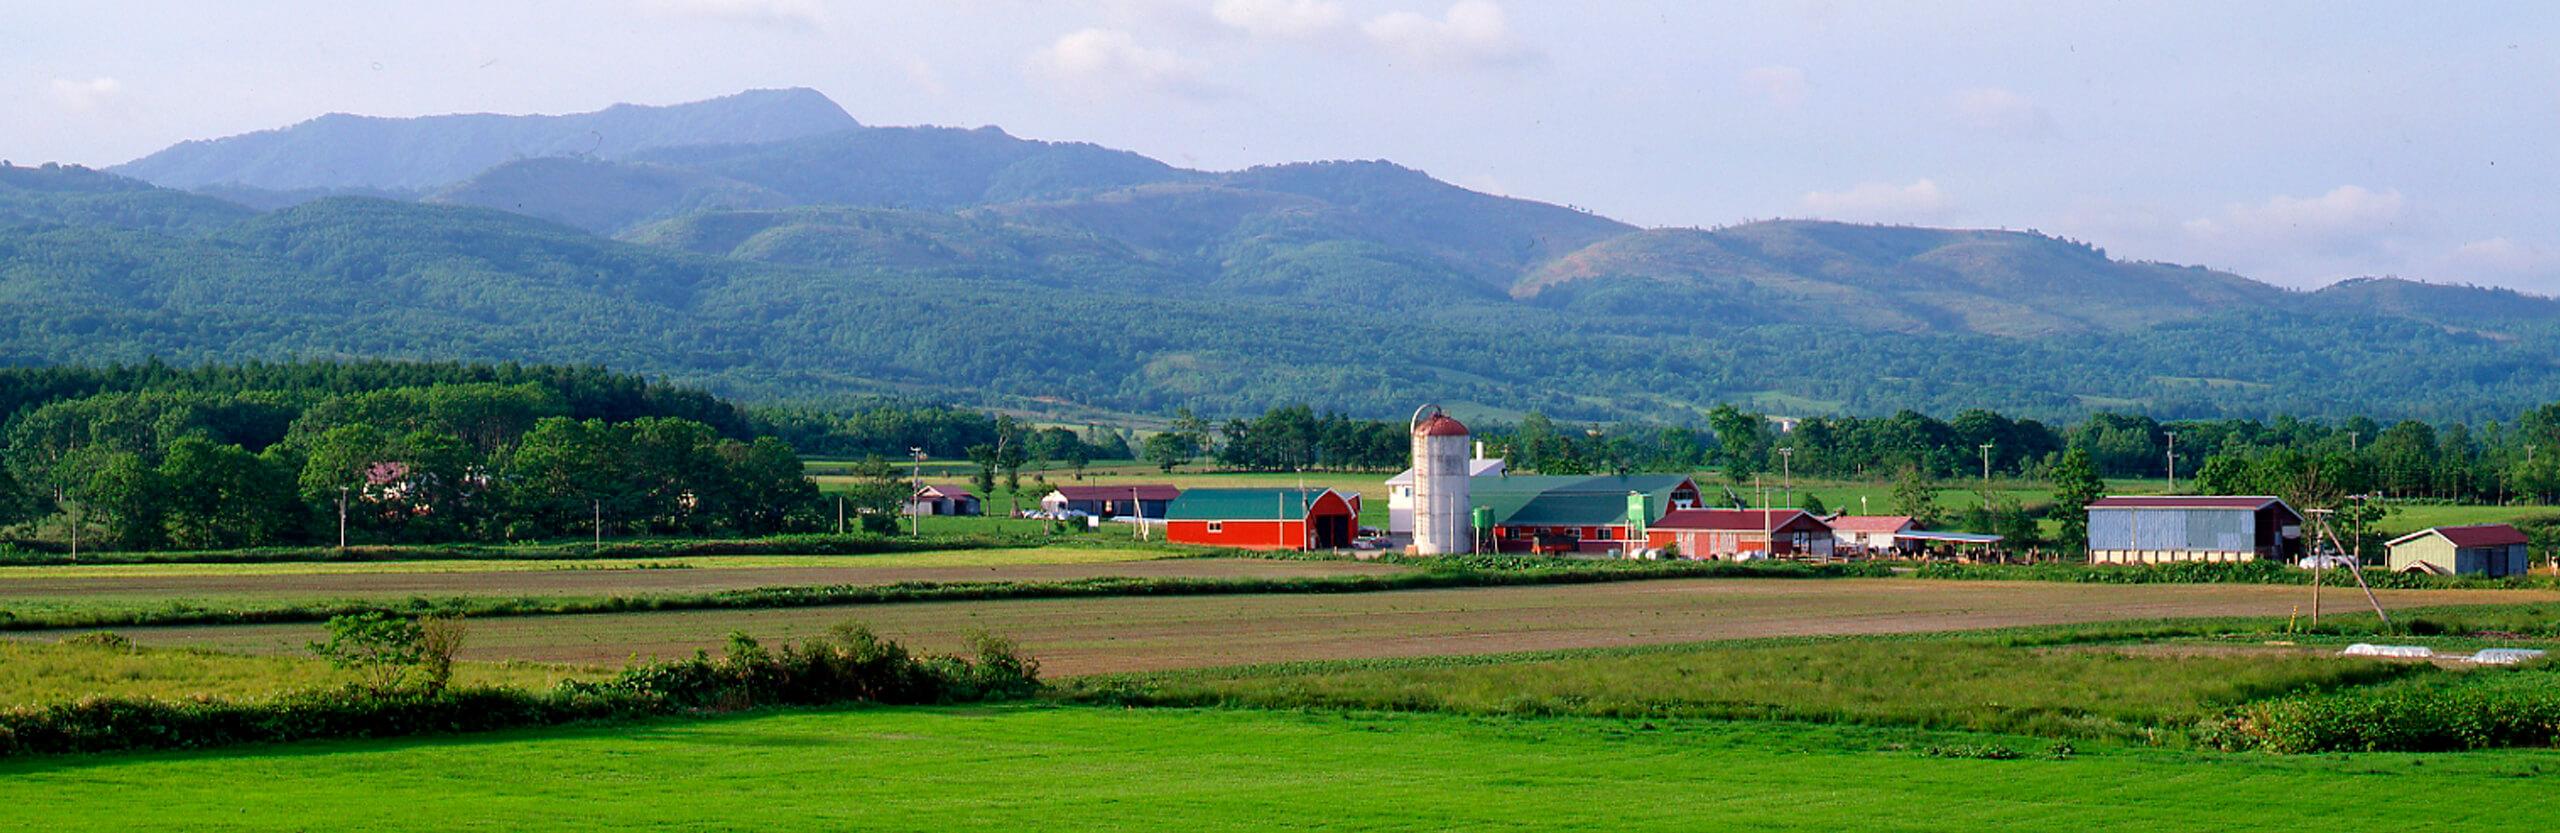 黒松内町の農村風景